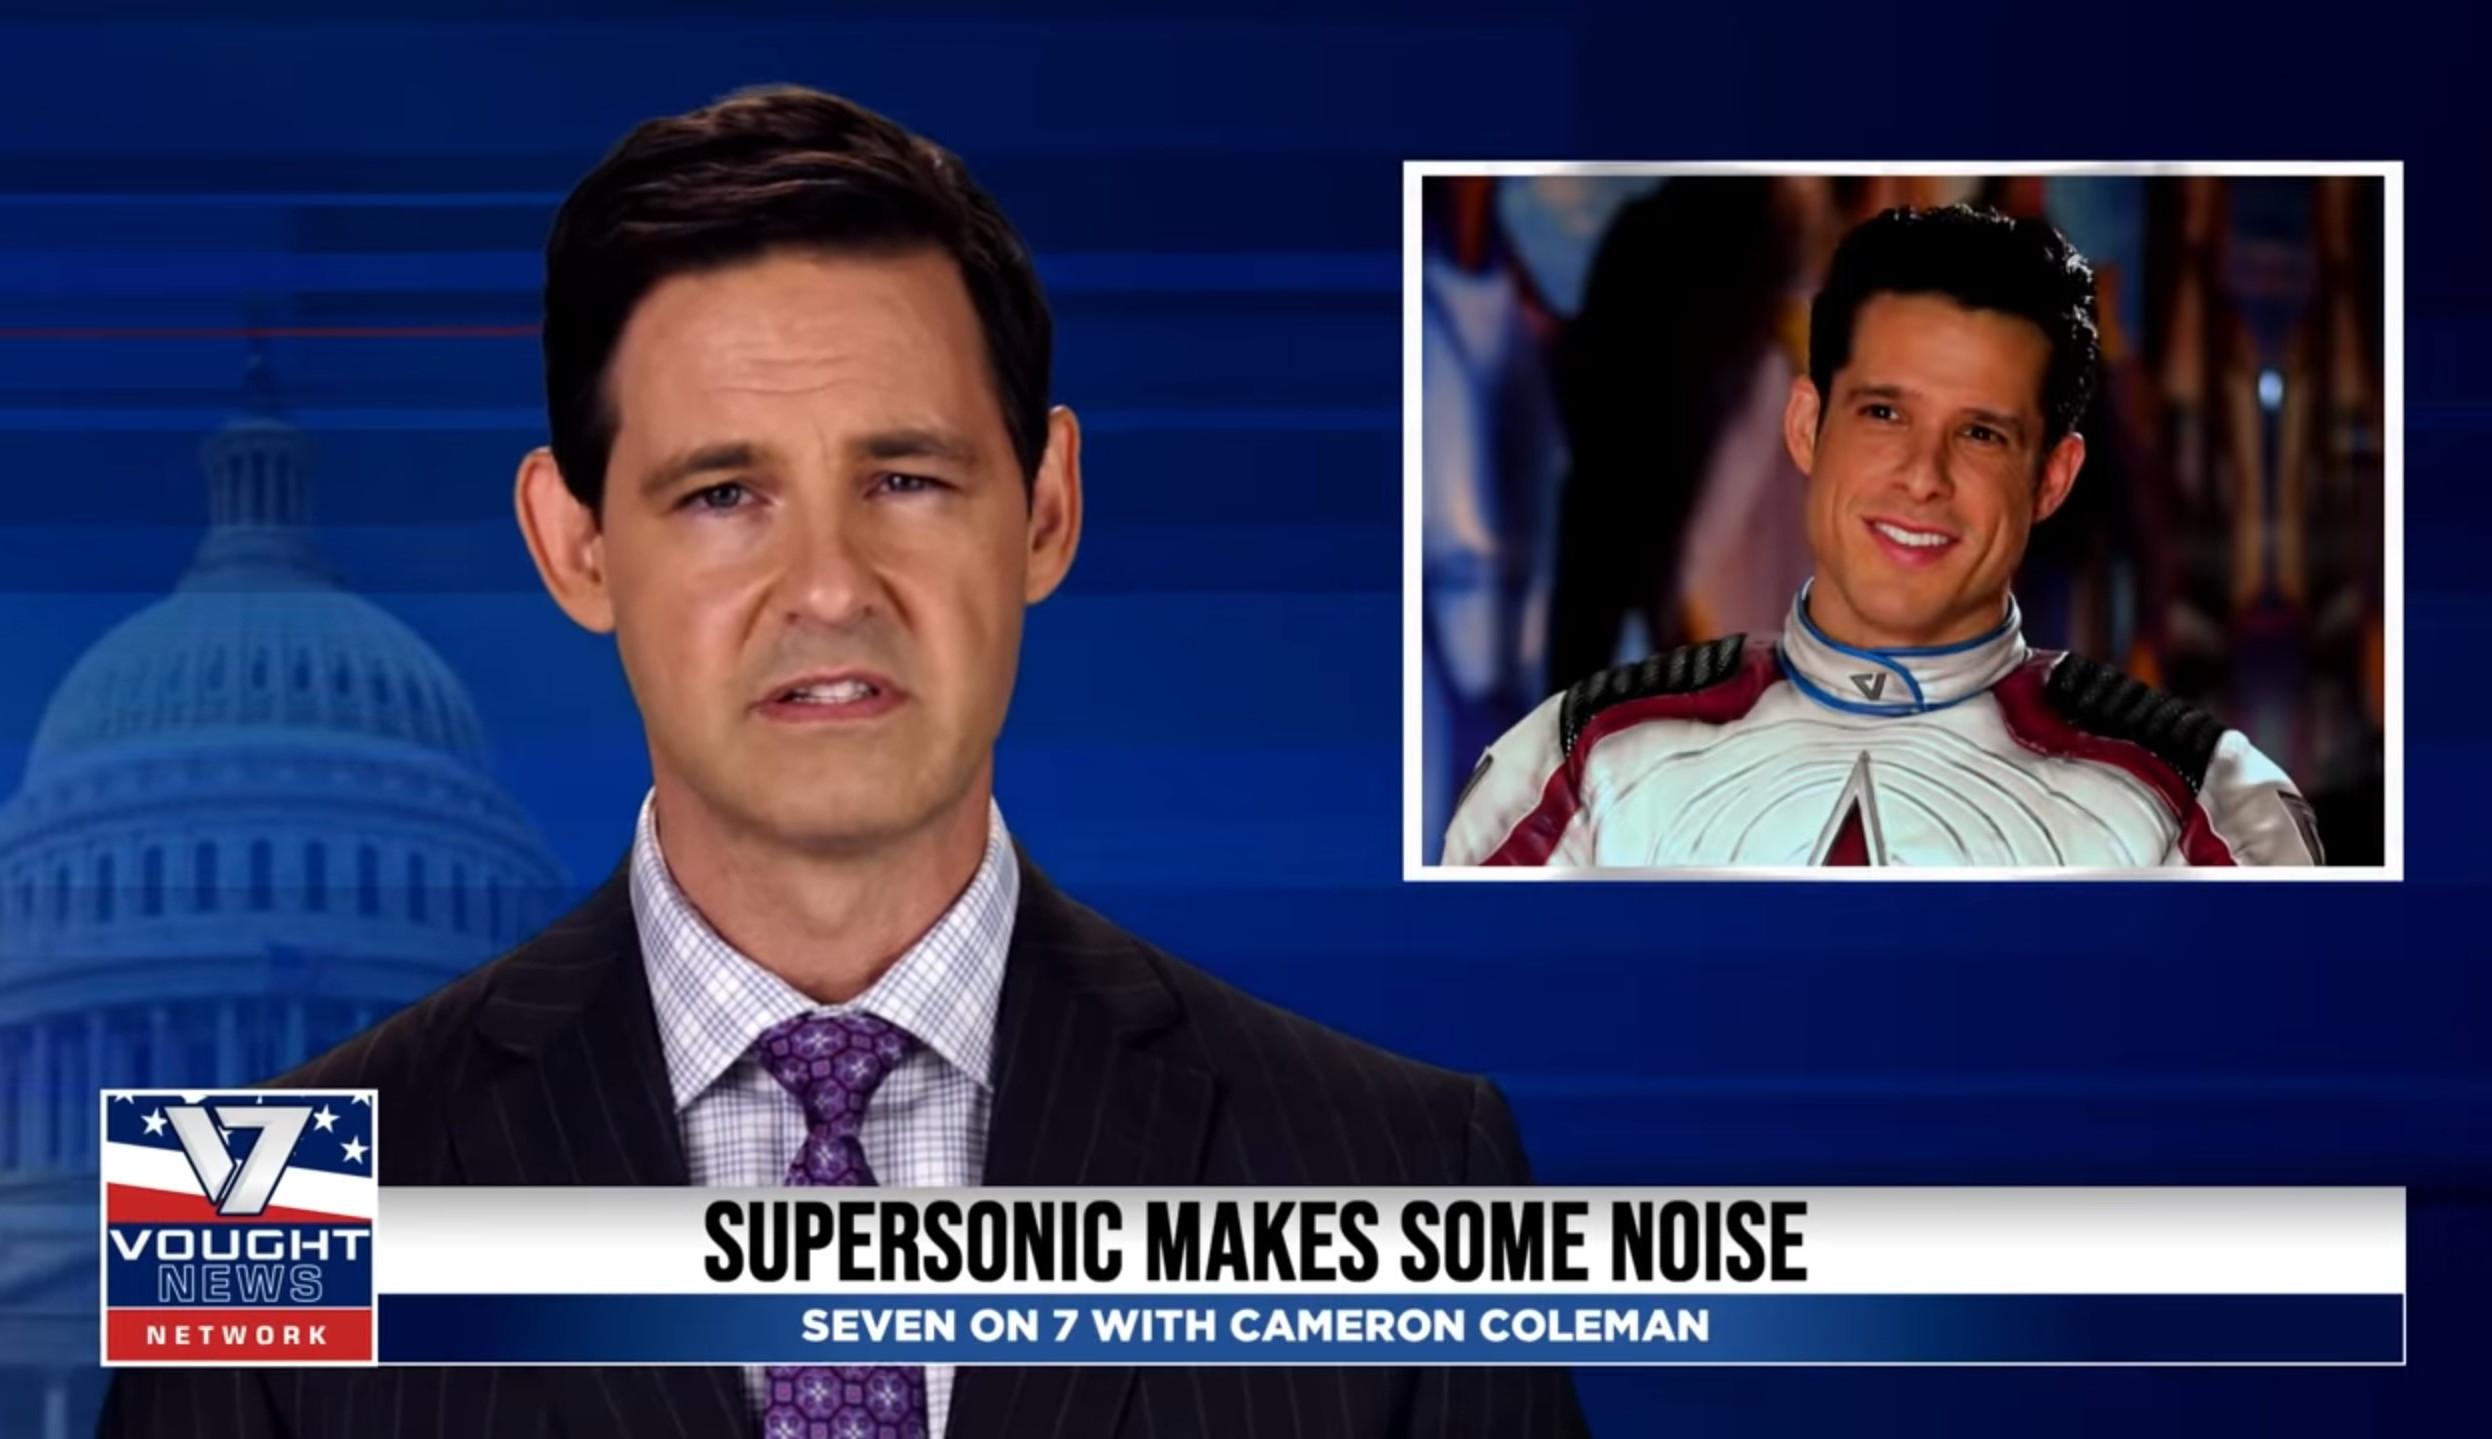 The Boys | Vídeo introduz 'herói' supersonic na 3ª temporada da série